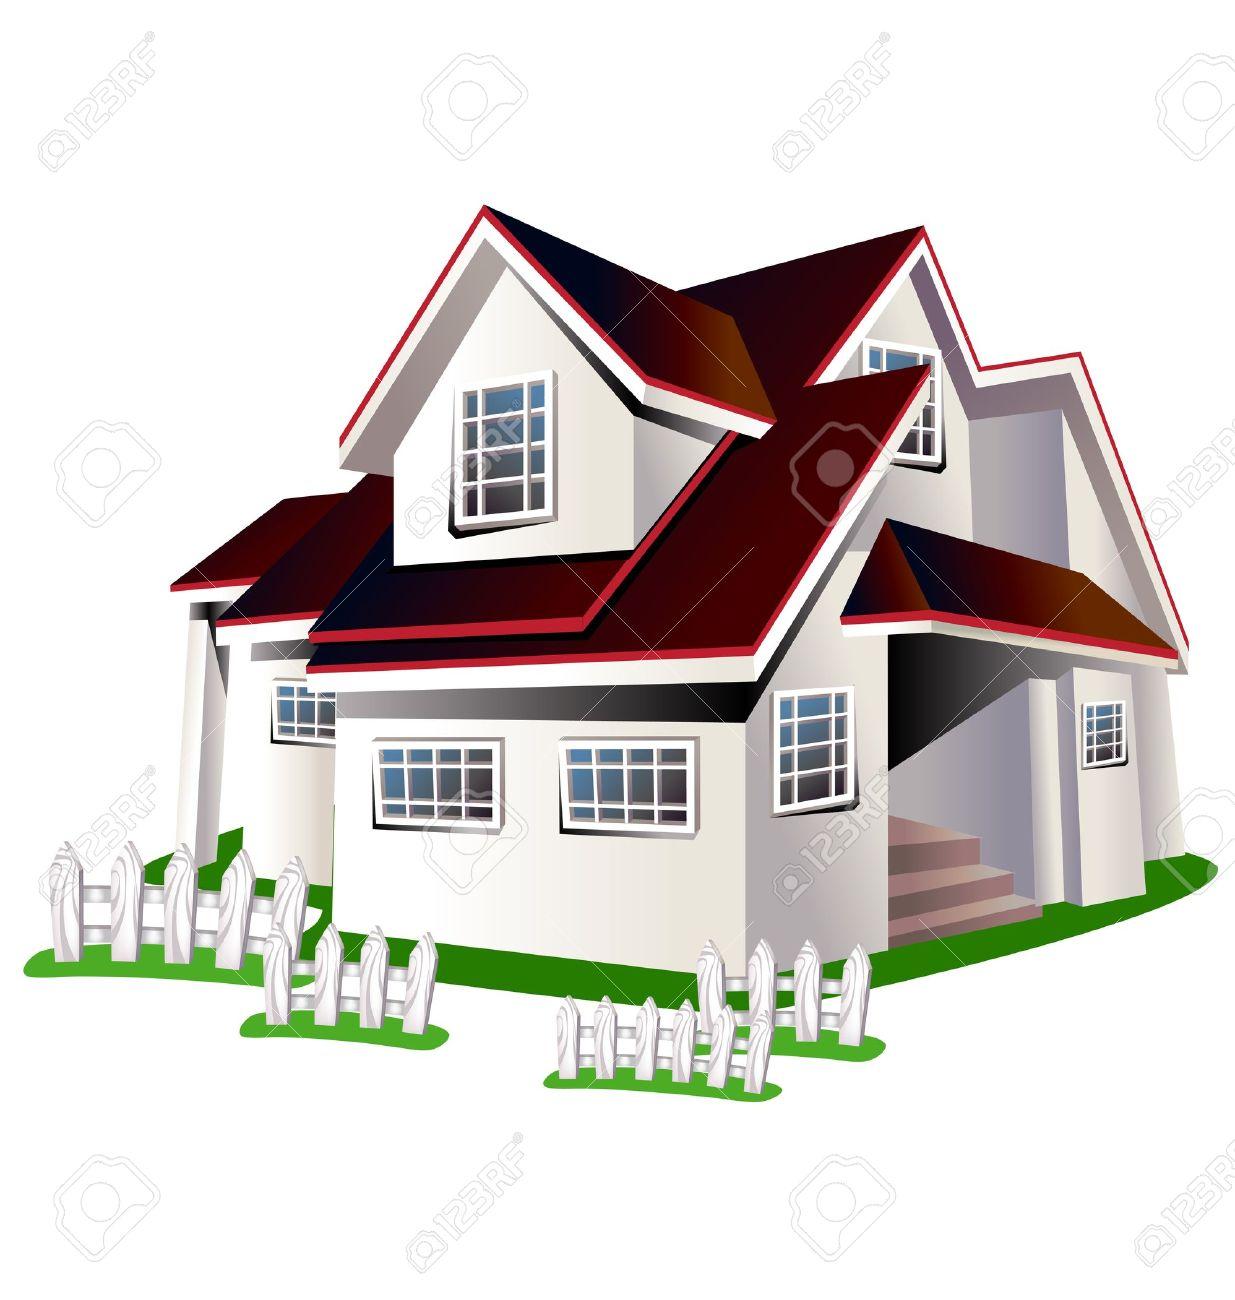 maison illustration de bande dessinee coloree sur un fond blanc